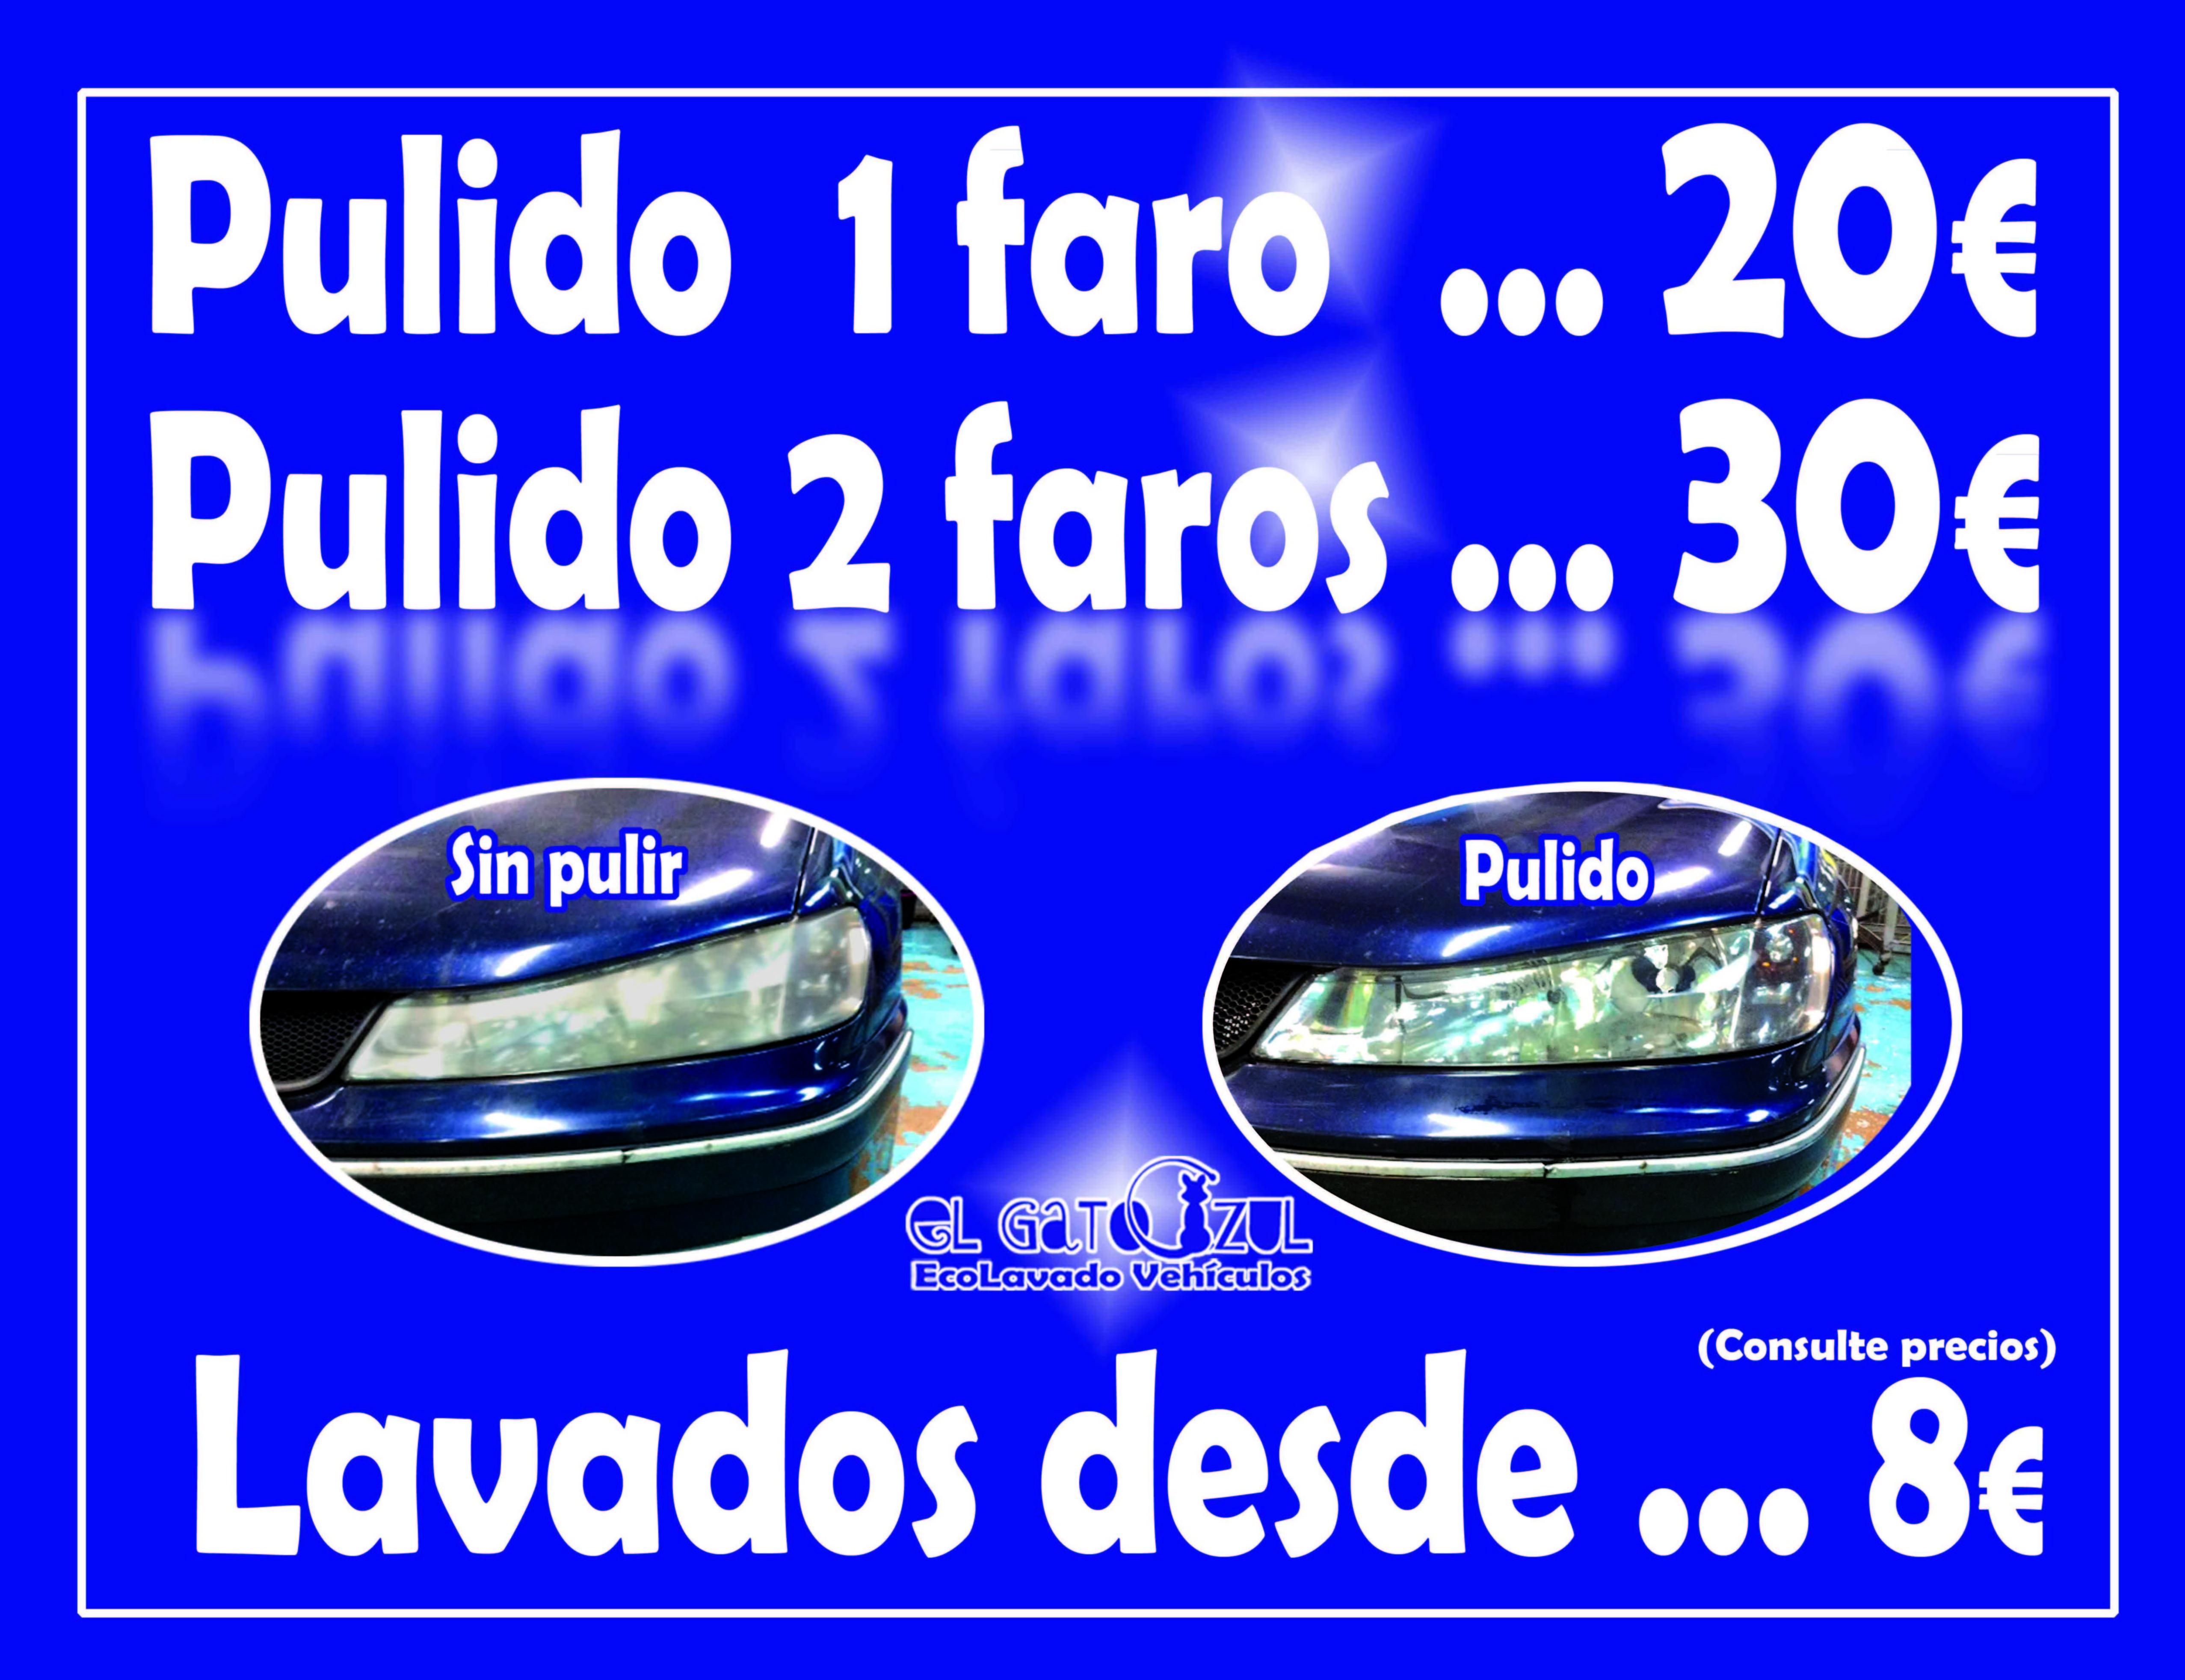 Pulido de Faros: Servicios y Precios de El Gato Azul Ecolavado Vehículos